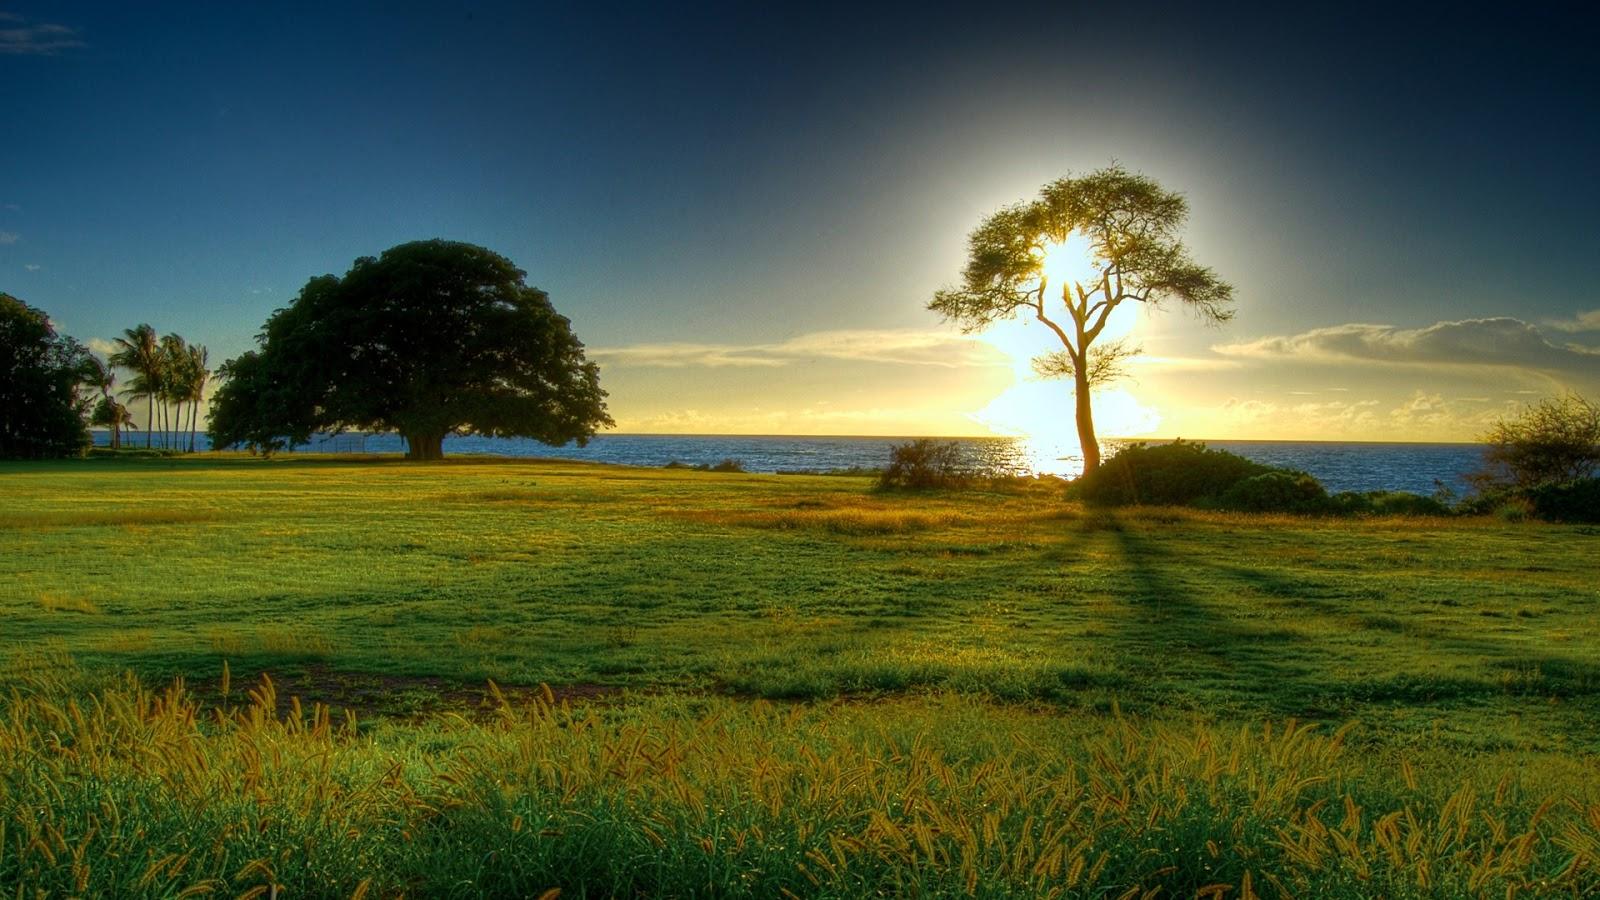 Nature Hintergrundbilder Hd